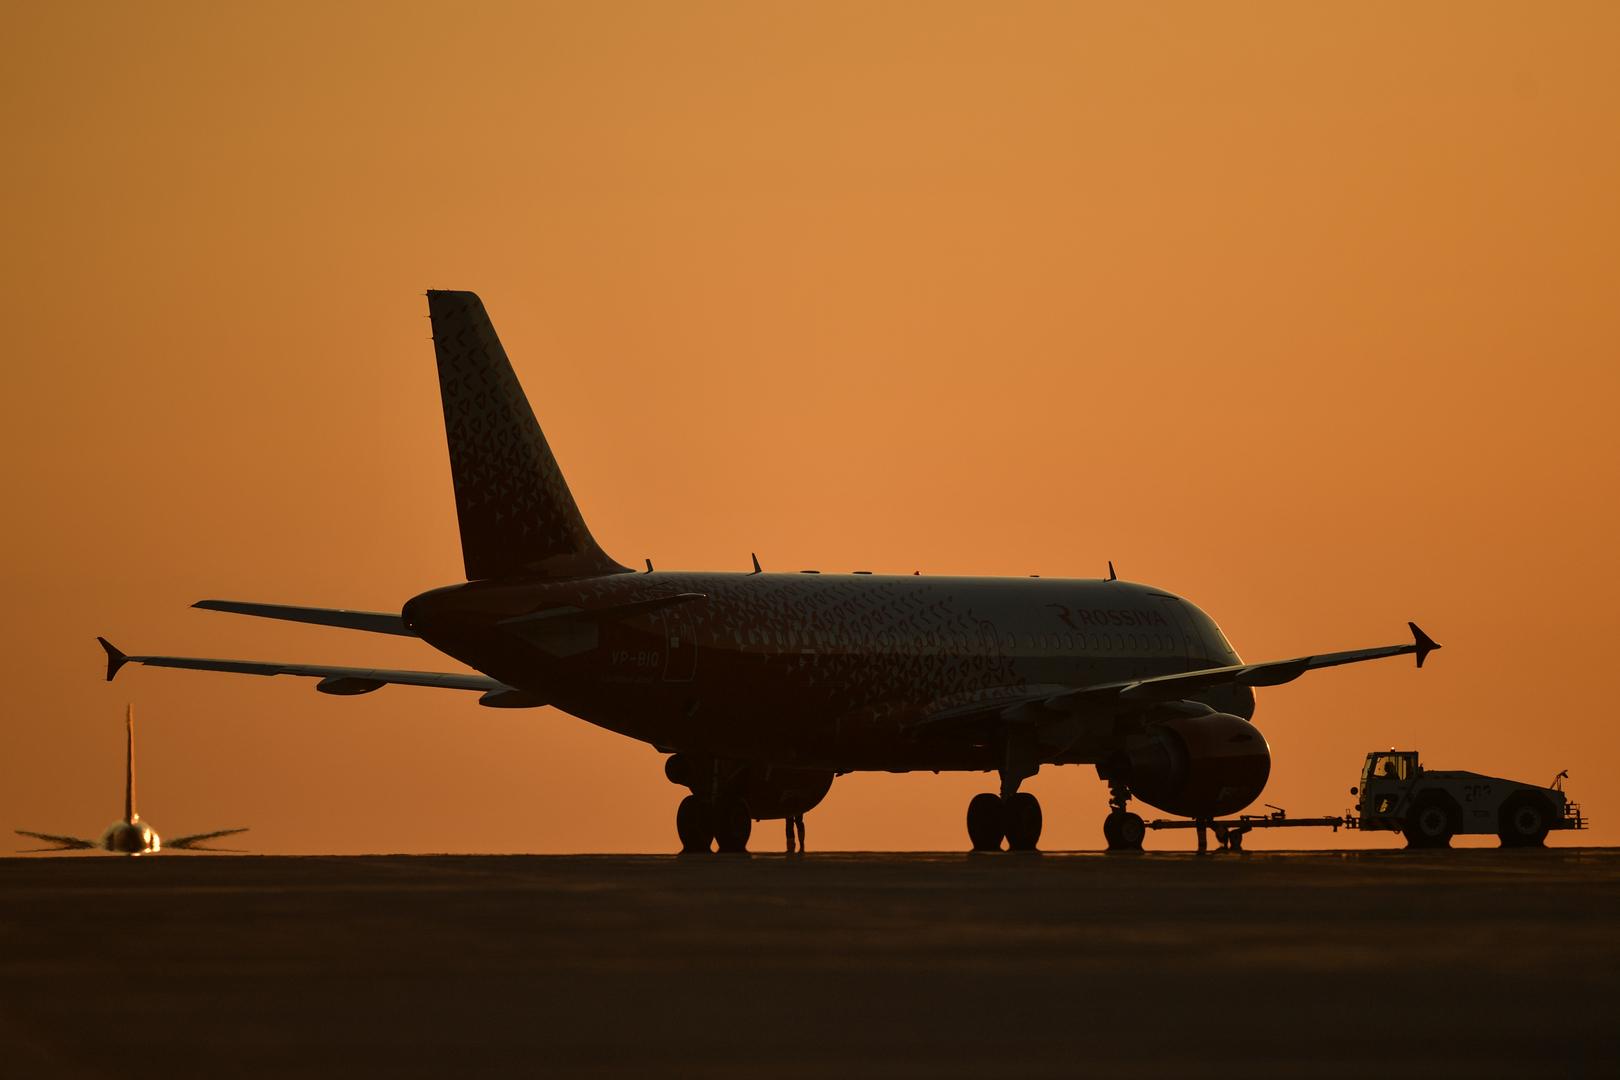 محكمة أوكرانية تضبط غيابيا 12 طائرة بسبب تنفيذها رحلات جوية إلى القرم